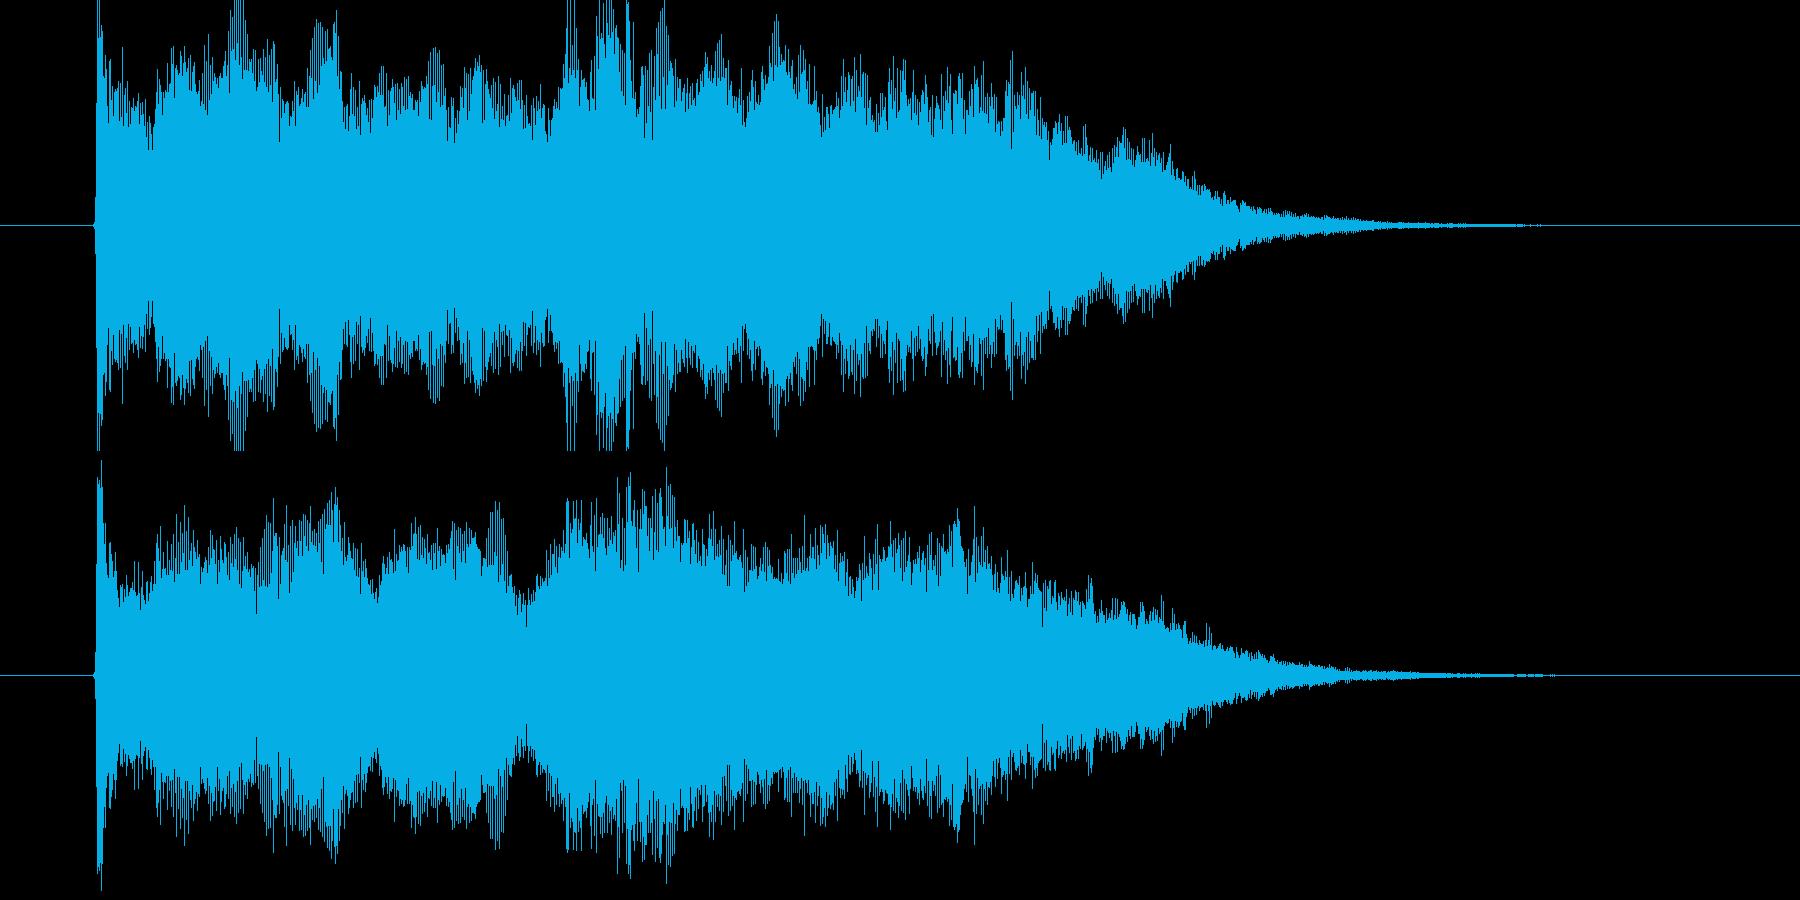 感動的なストリングポップスのジングル曲の再生済みの波形